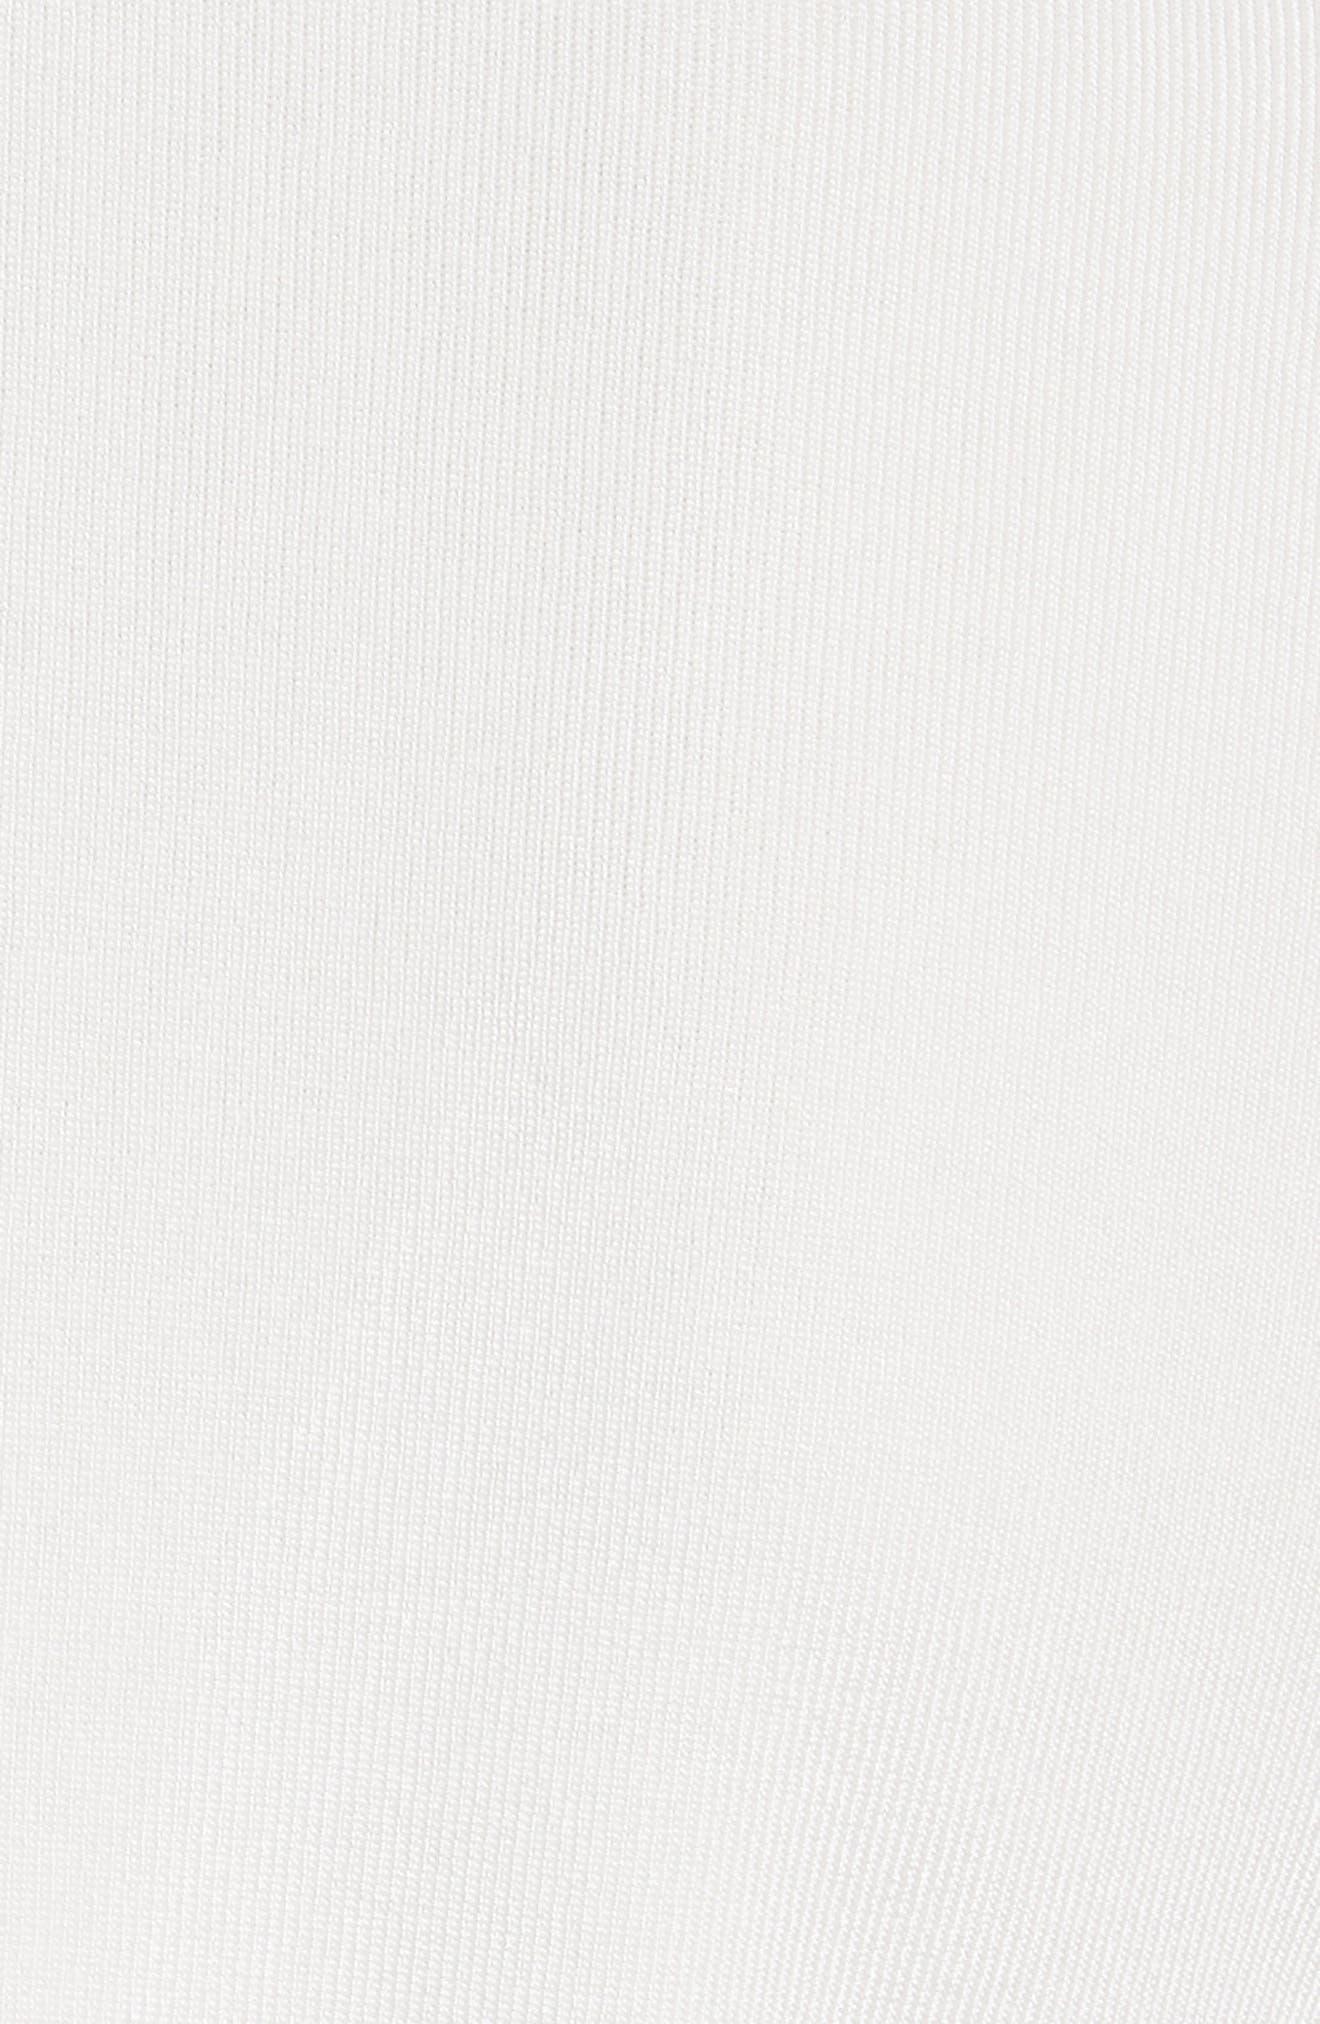 Vivienne Front Zip Sweater,                             Alternate thumbnail 5, color,                             900